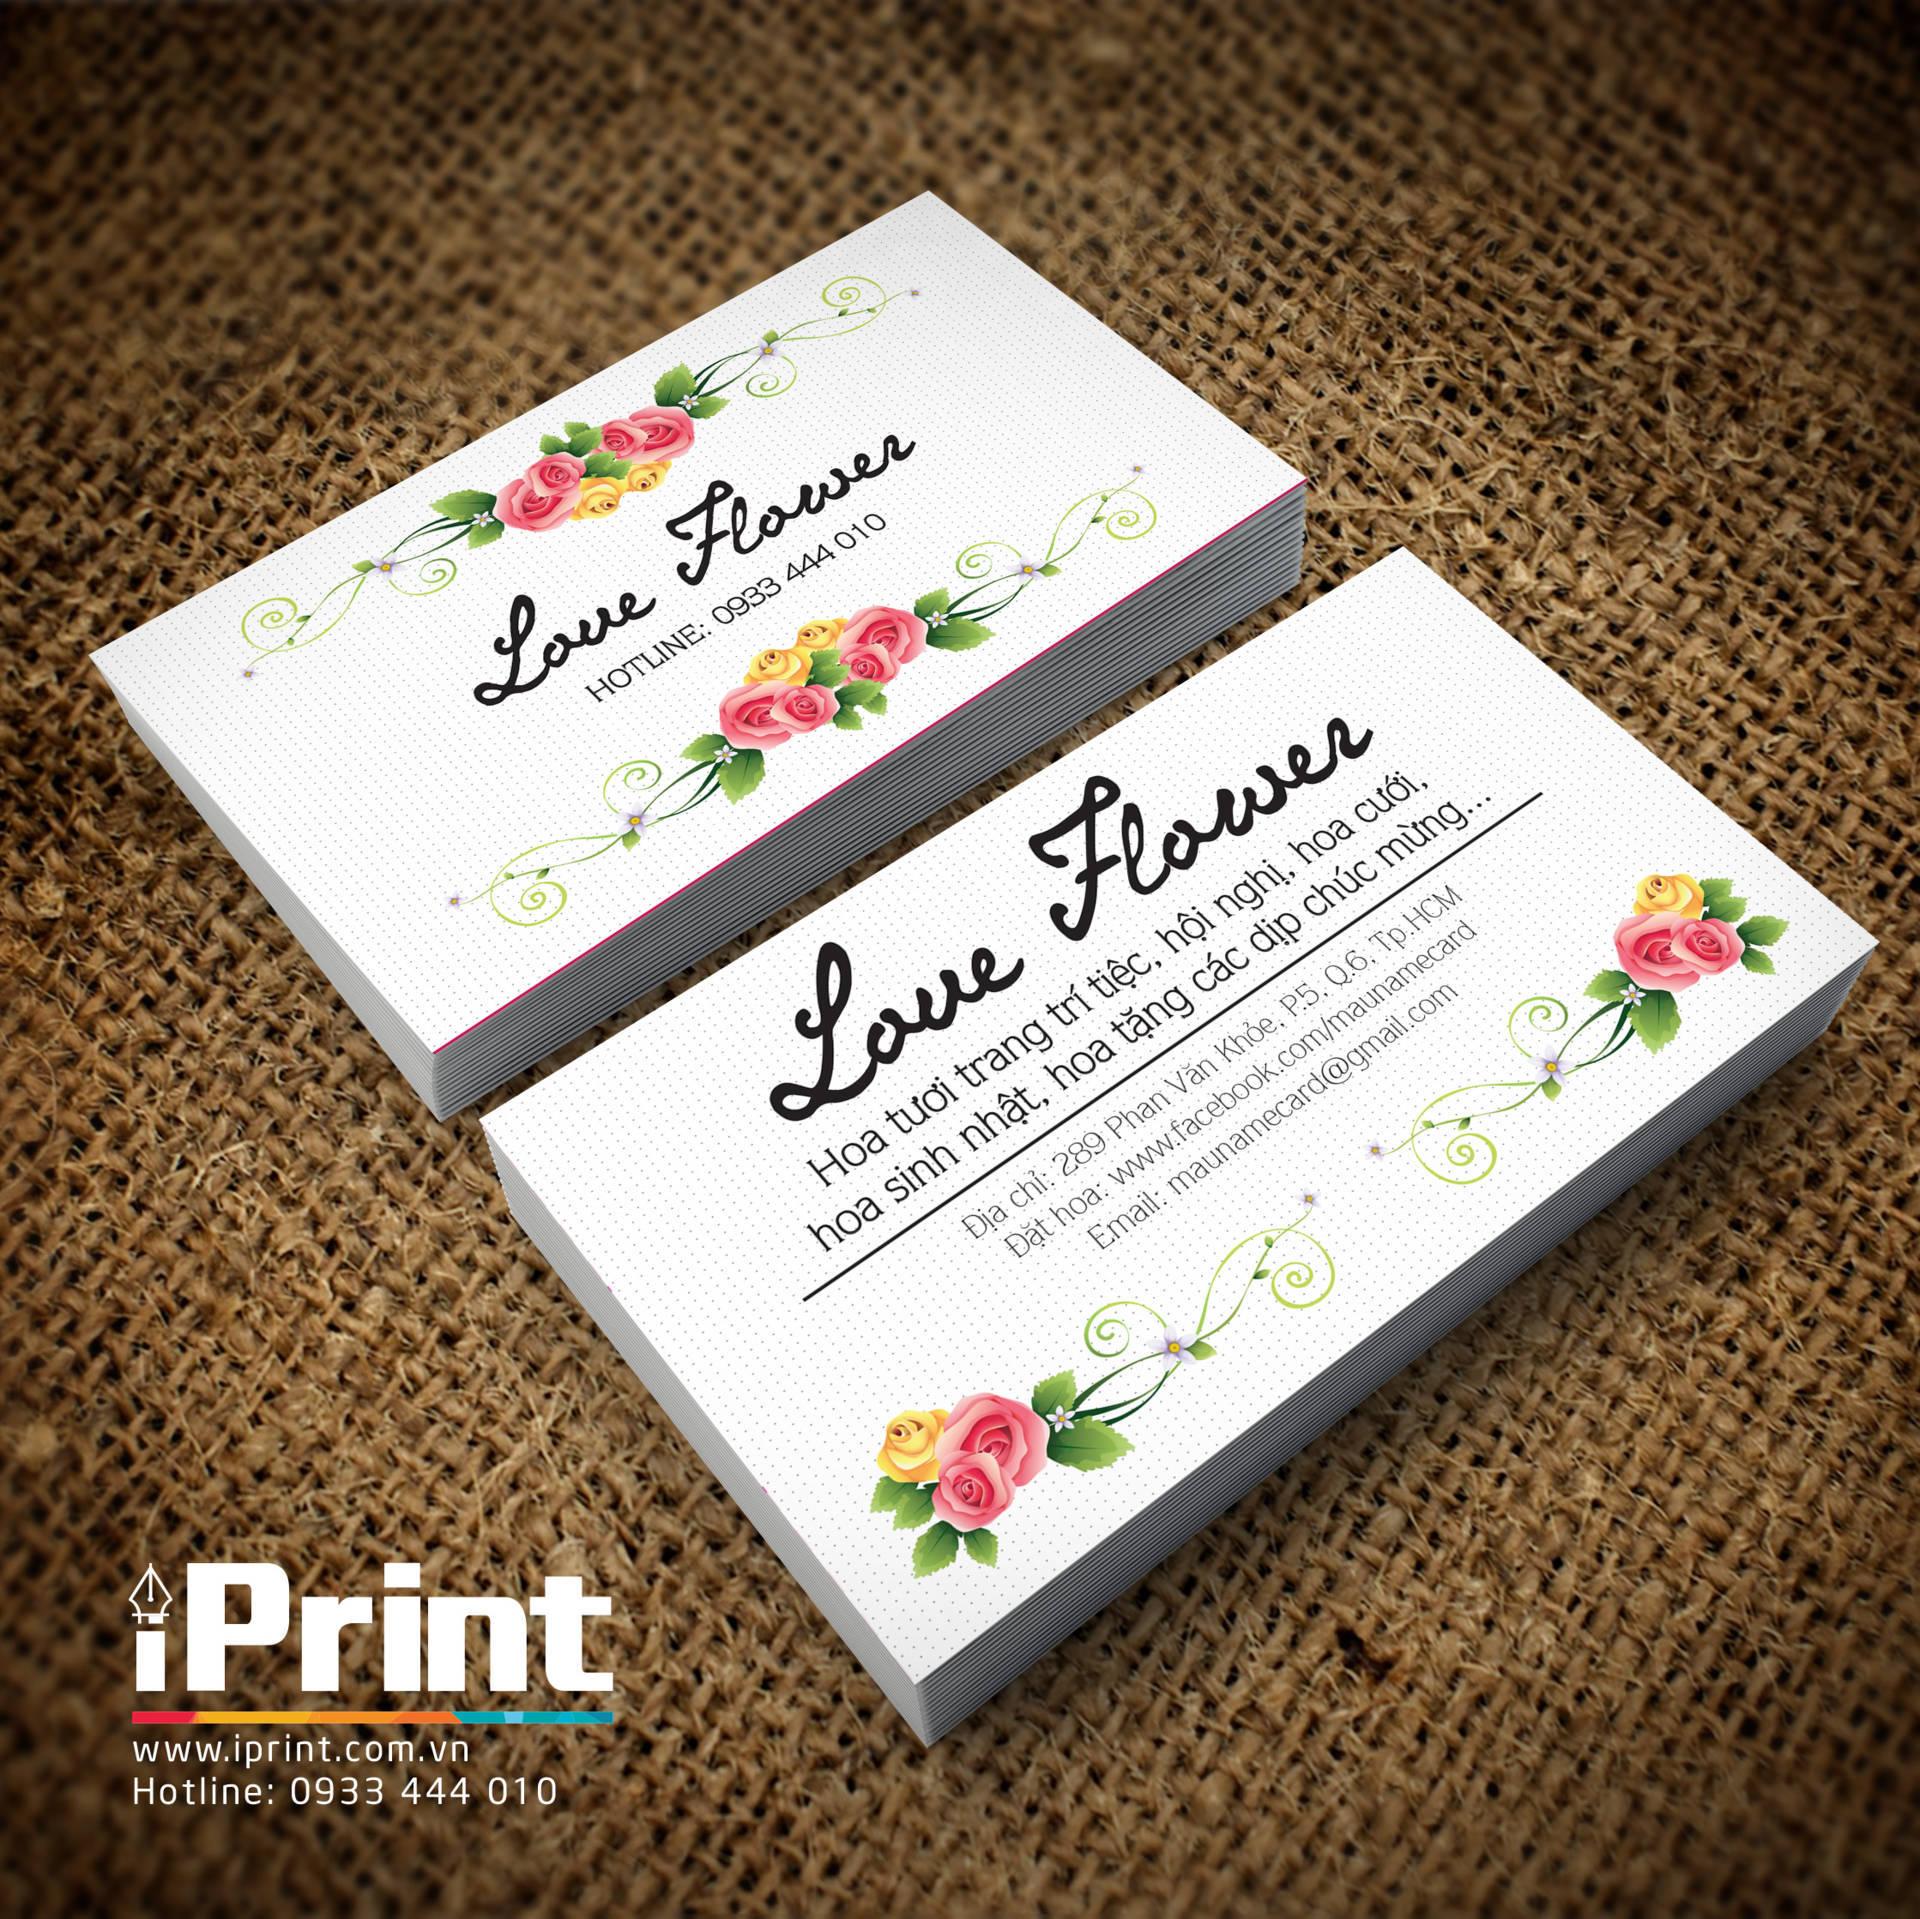 Name Card Shop Bán Hoa 35